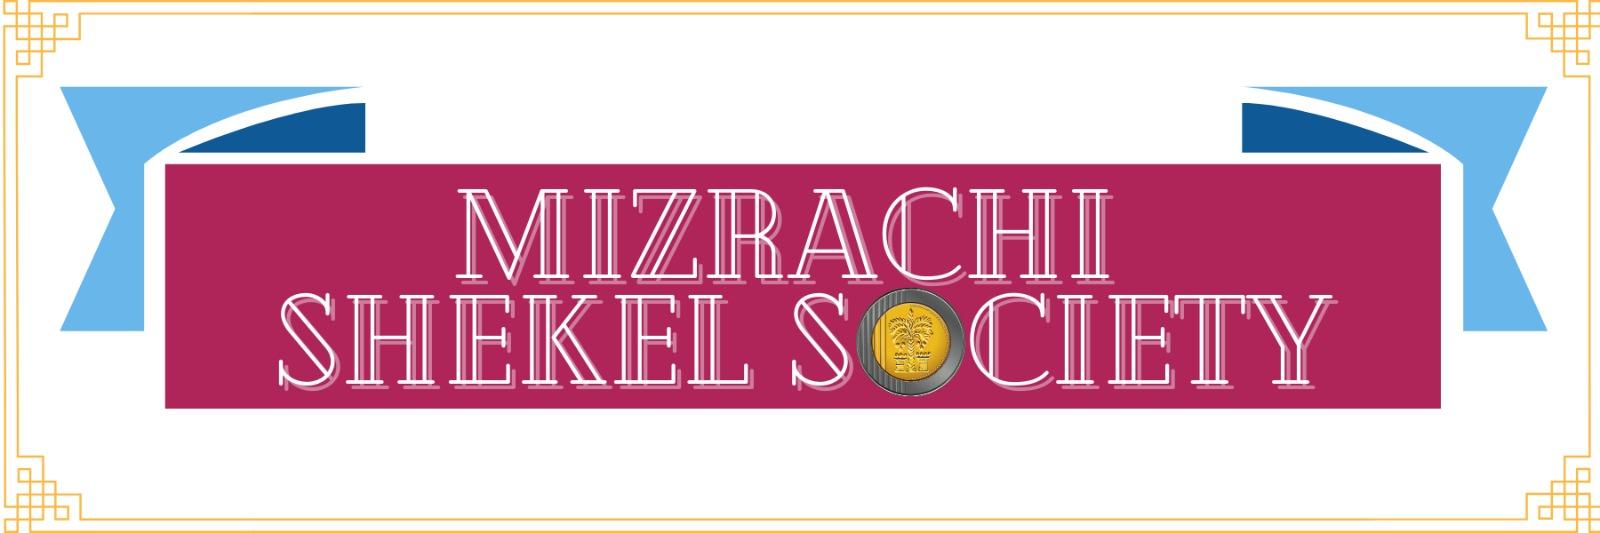 MIZRACHI SHEKEL SOCIETY